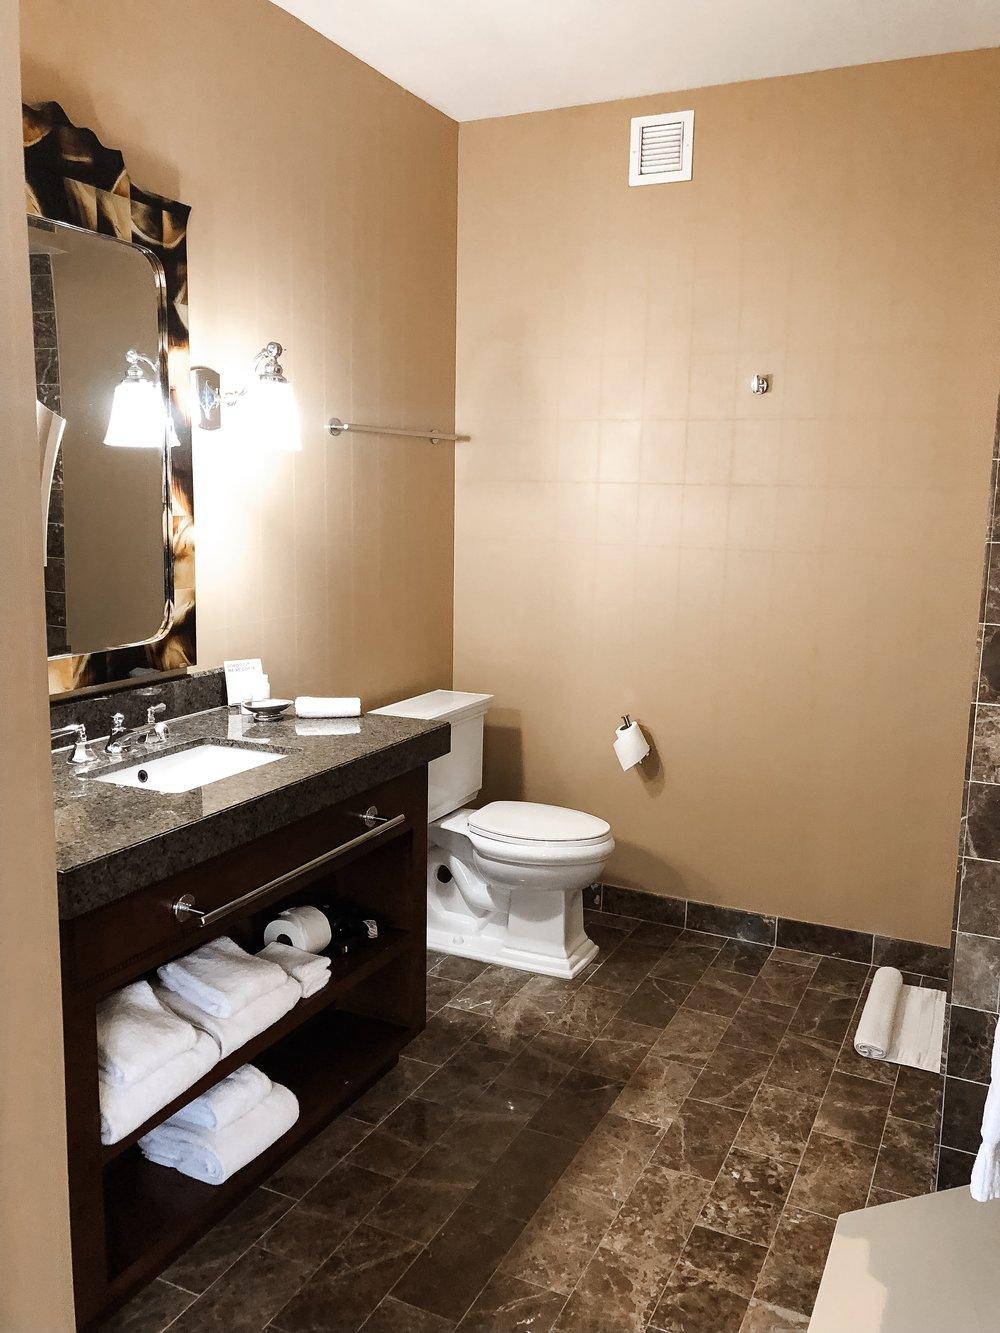 Kimpton-hotel-monaco-batheroom-2.JPG